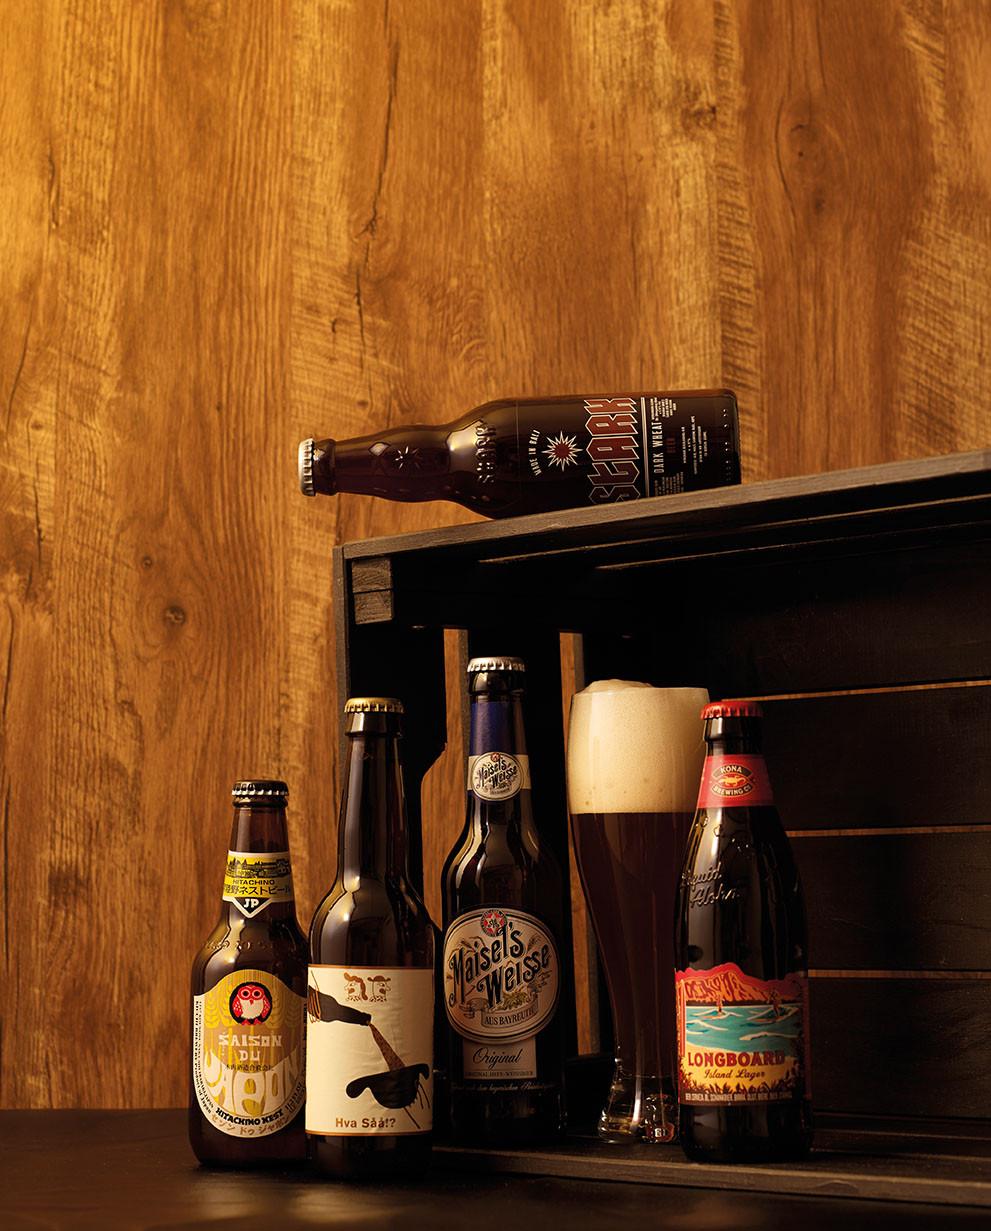 02 - Craft beer appreciation